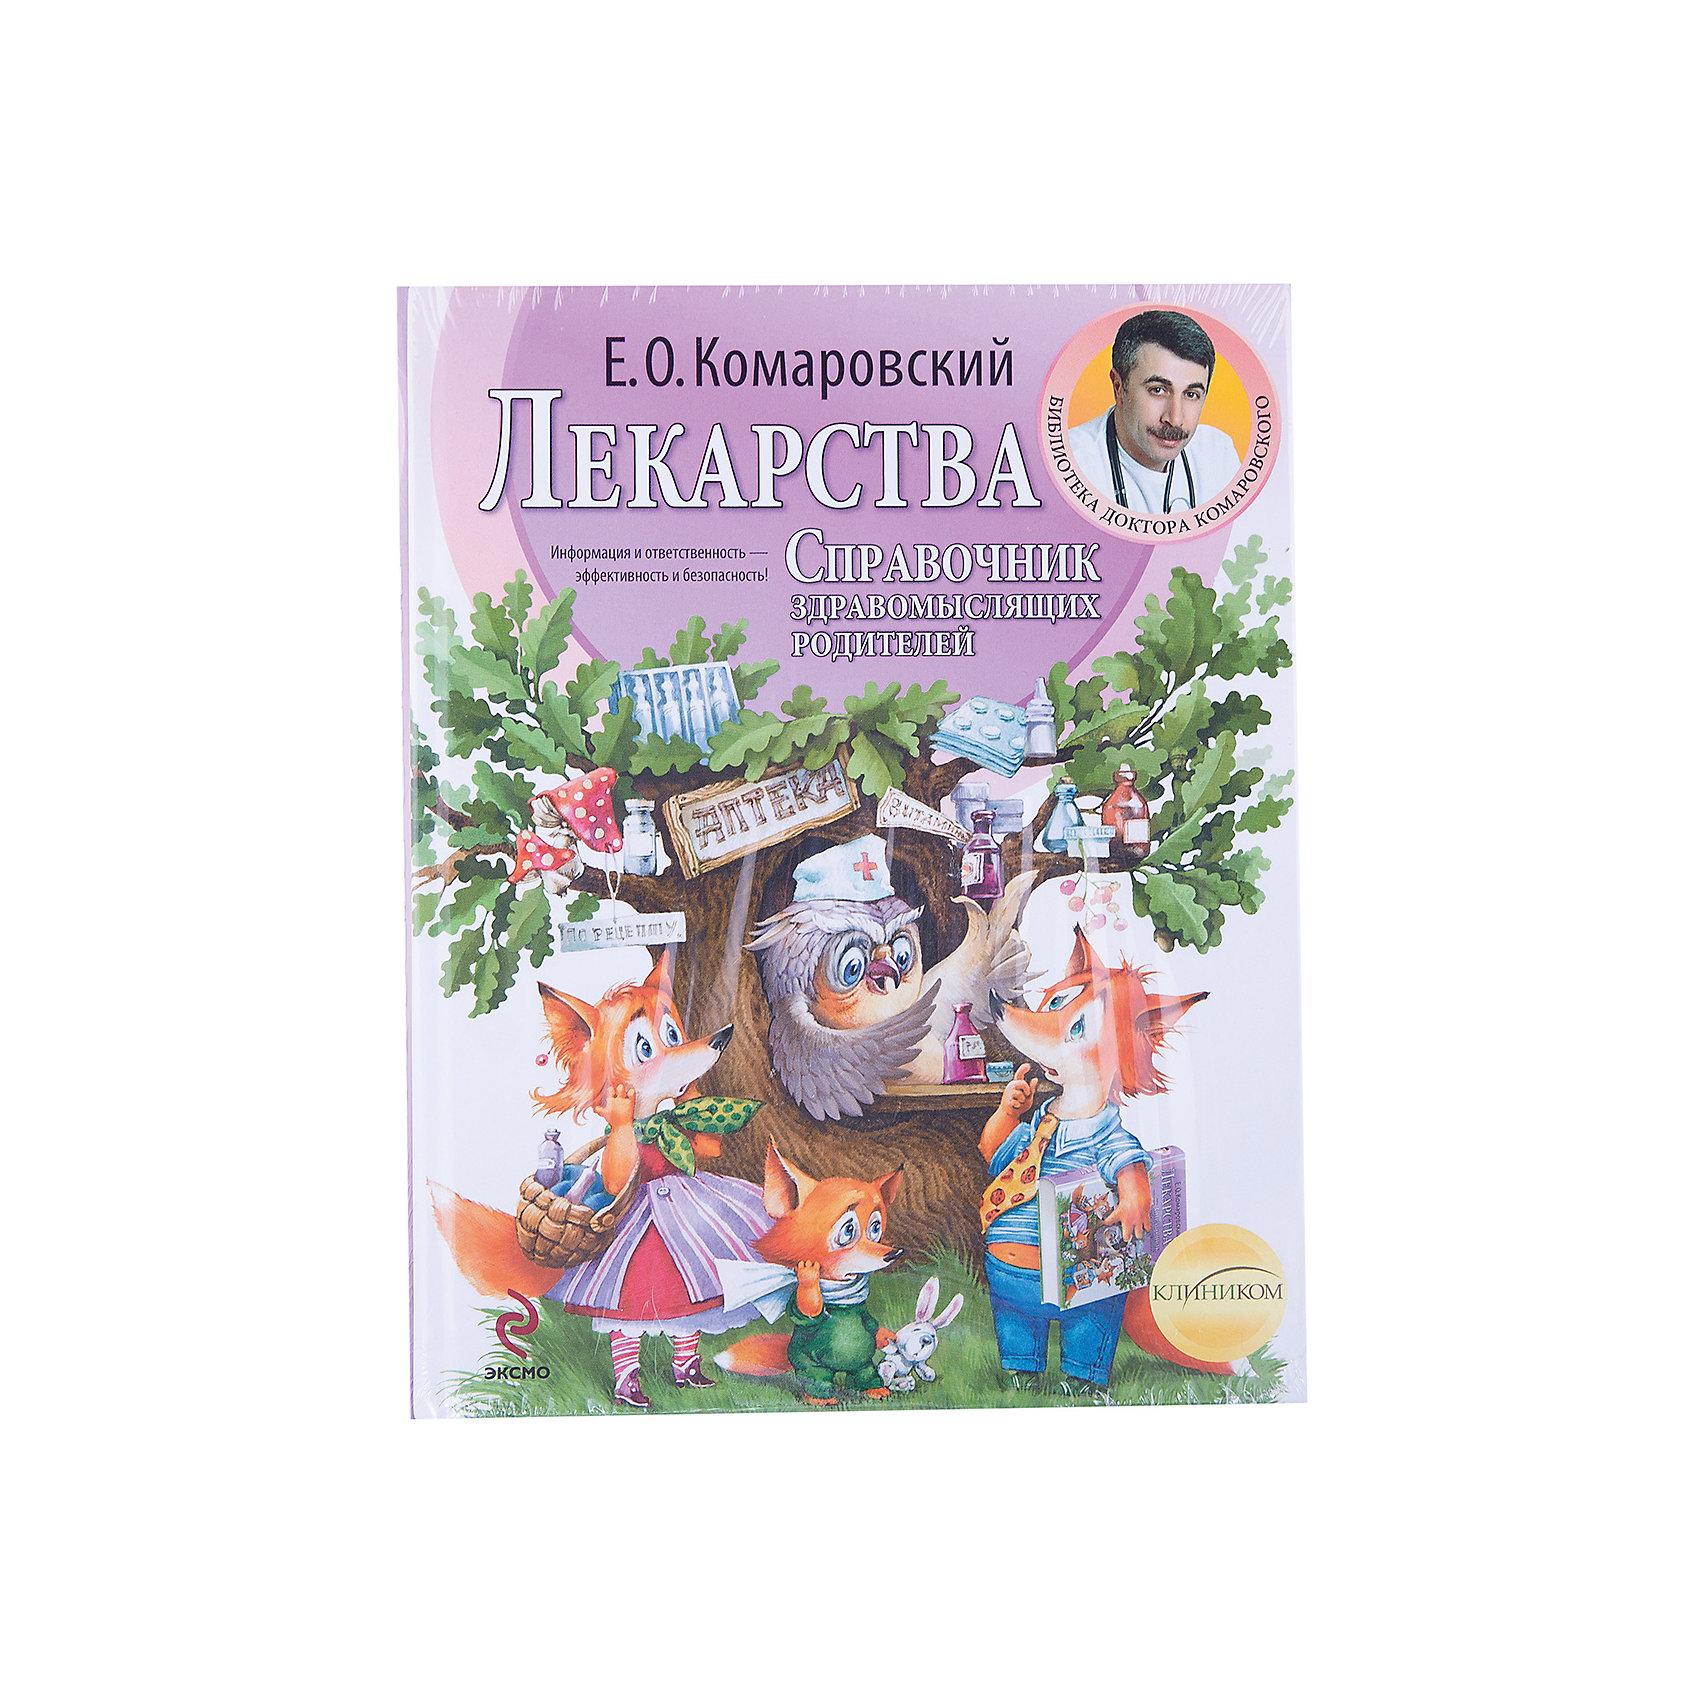 Лекарства. Справочник здравомыслящих родителей, Е.О. Комаровский (Эксмо)